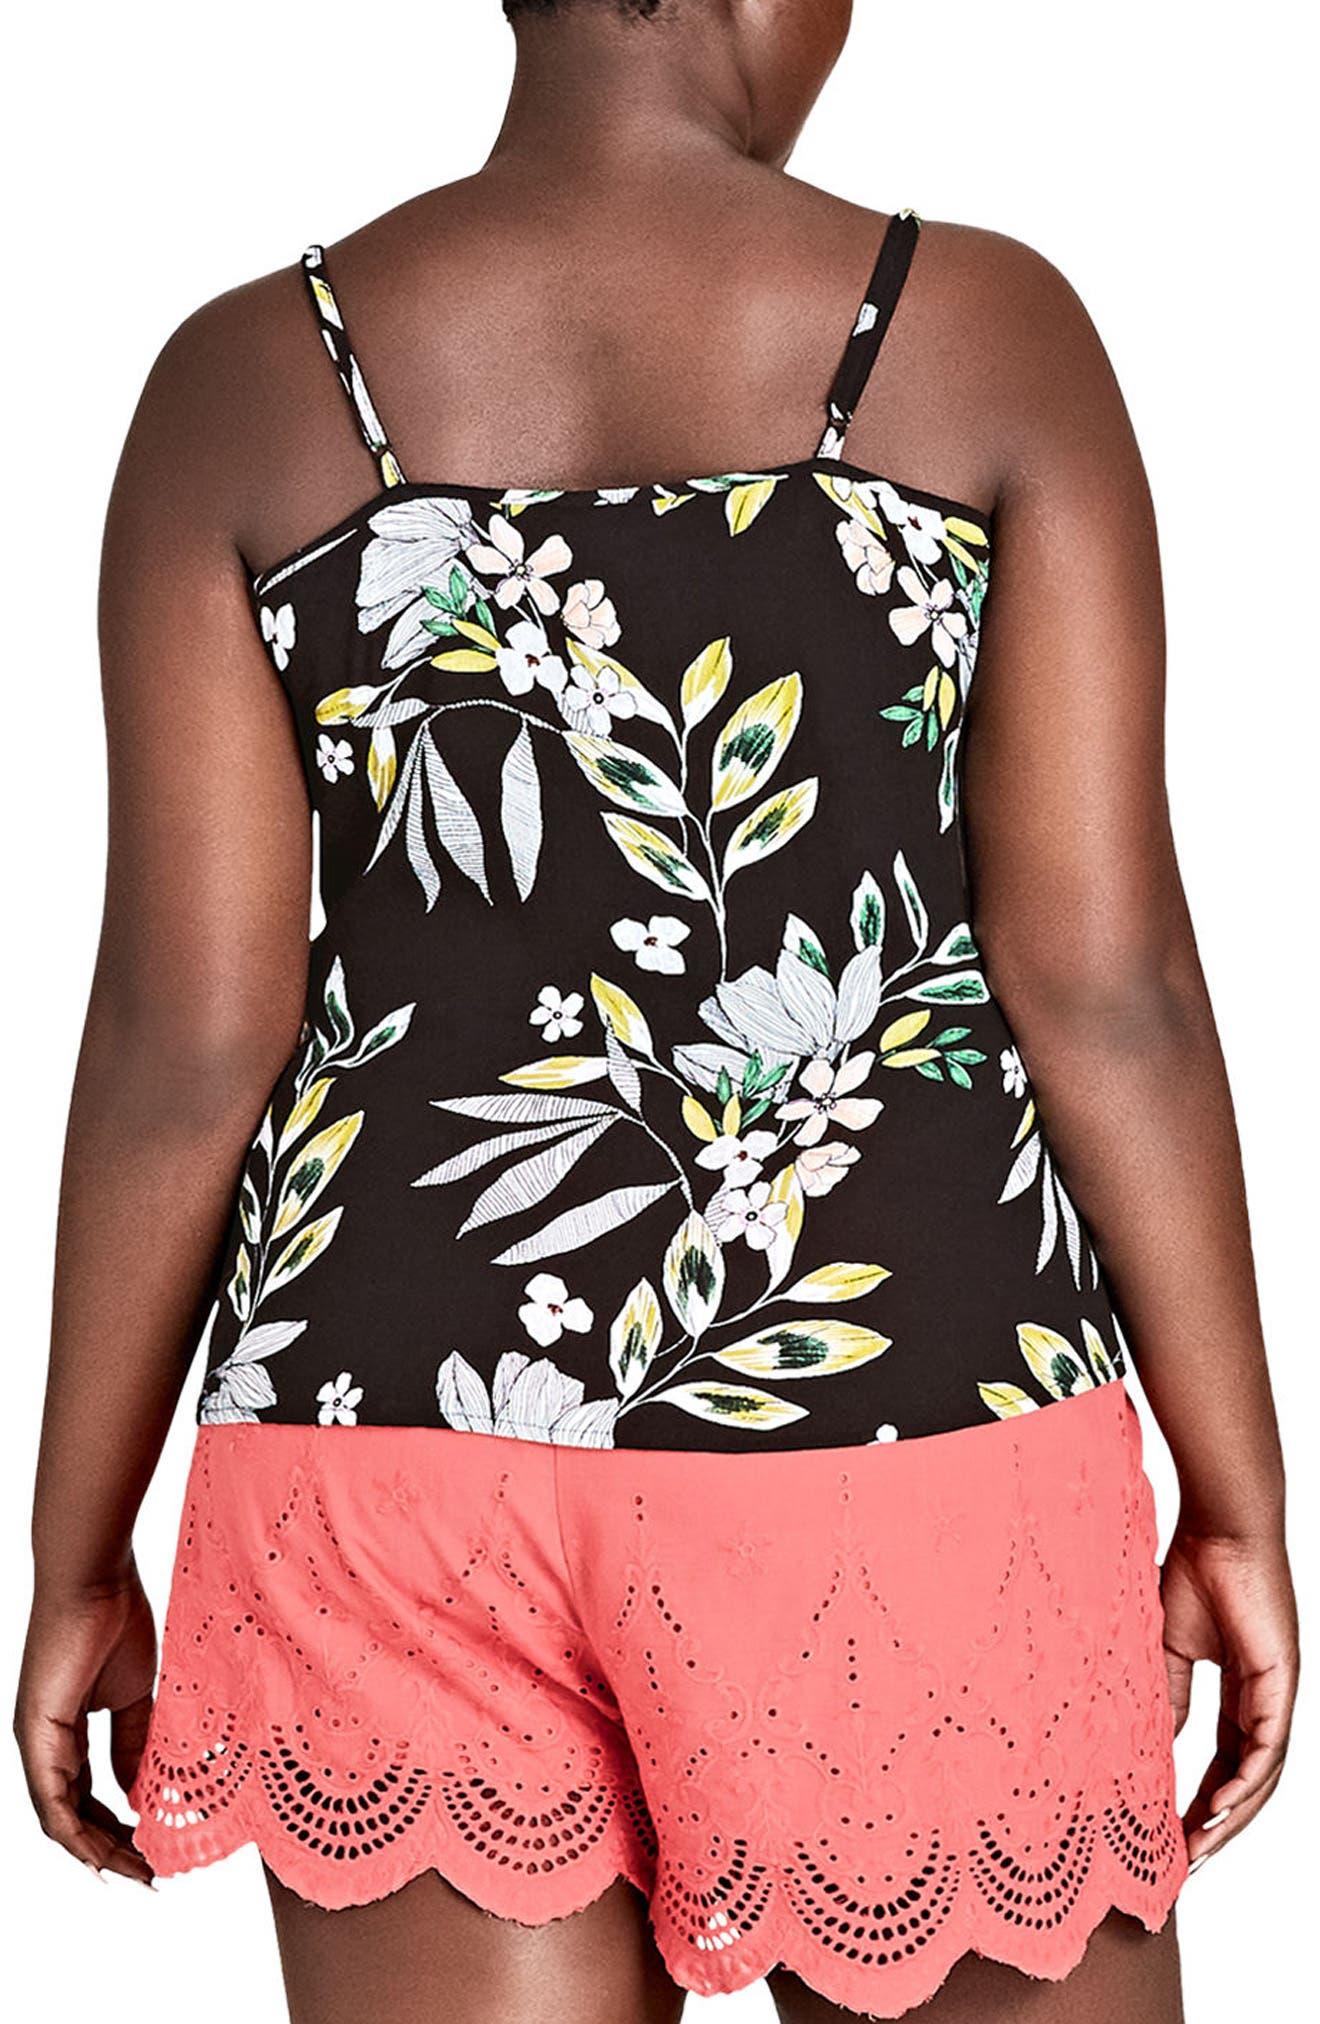 Maui Floral Top,                             Alternate thumbnail 2, color,                             MAUI FLORAL